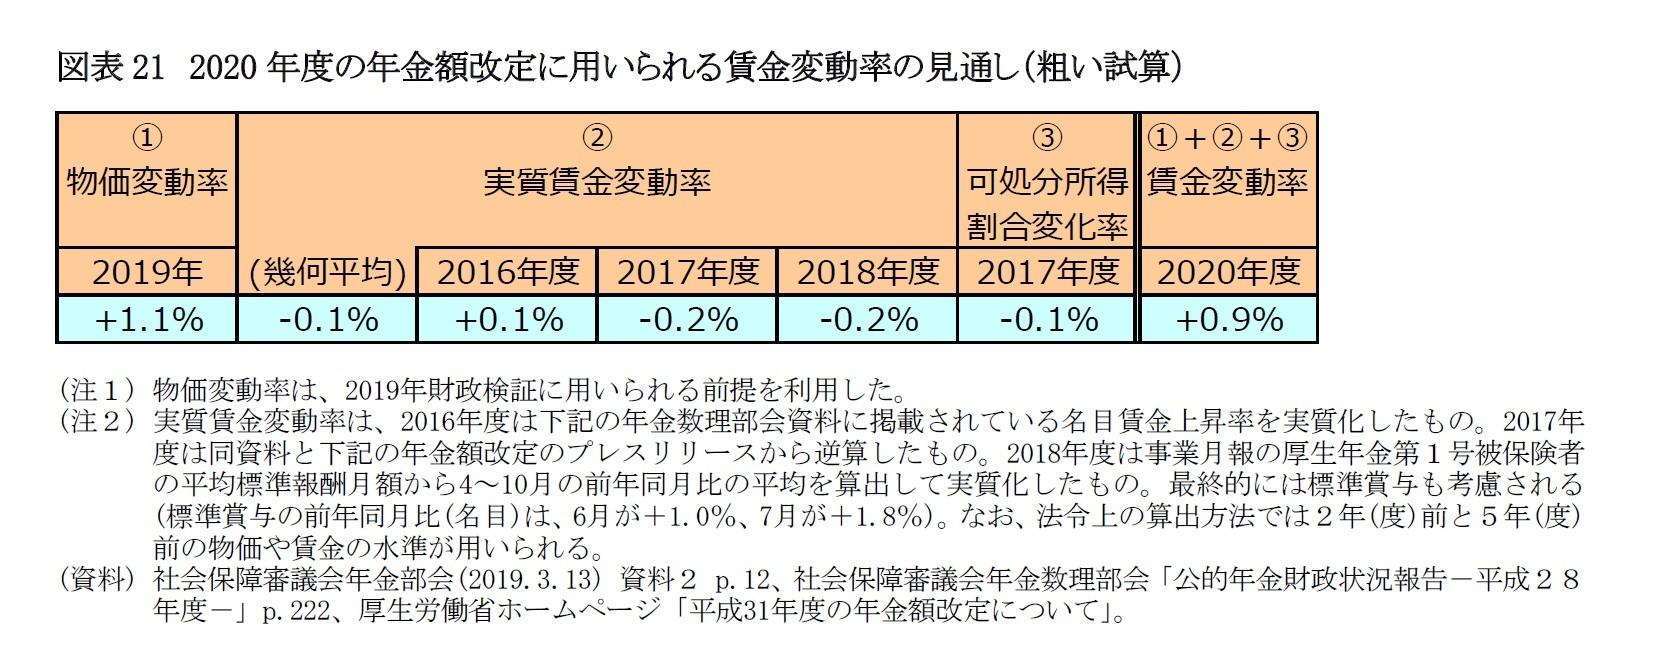 図表21 2020年度の年金額改定に用いられる賃金変動率の見通し(粗い試算)